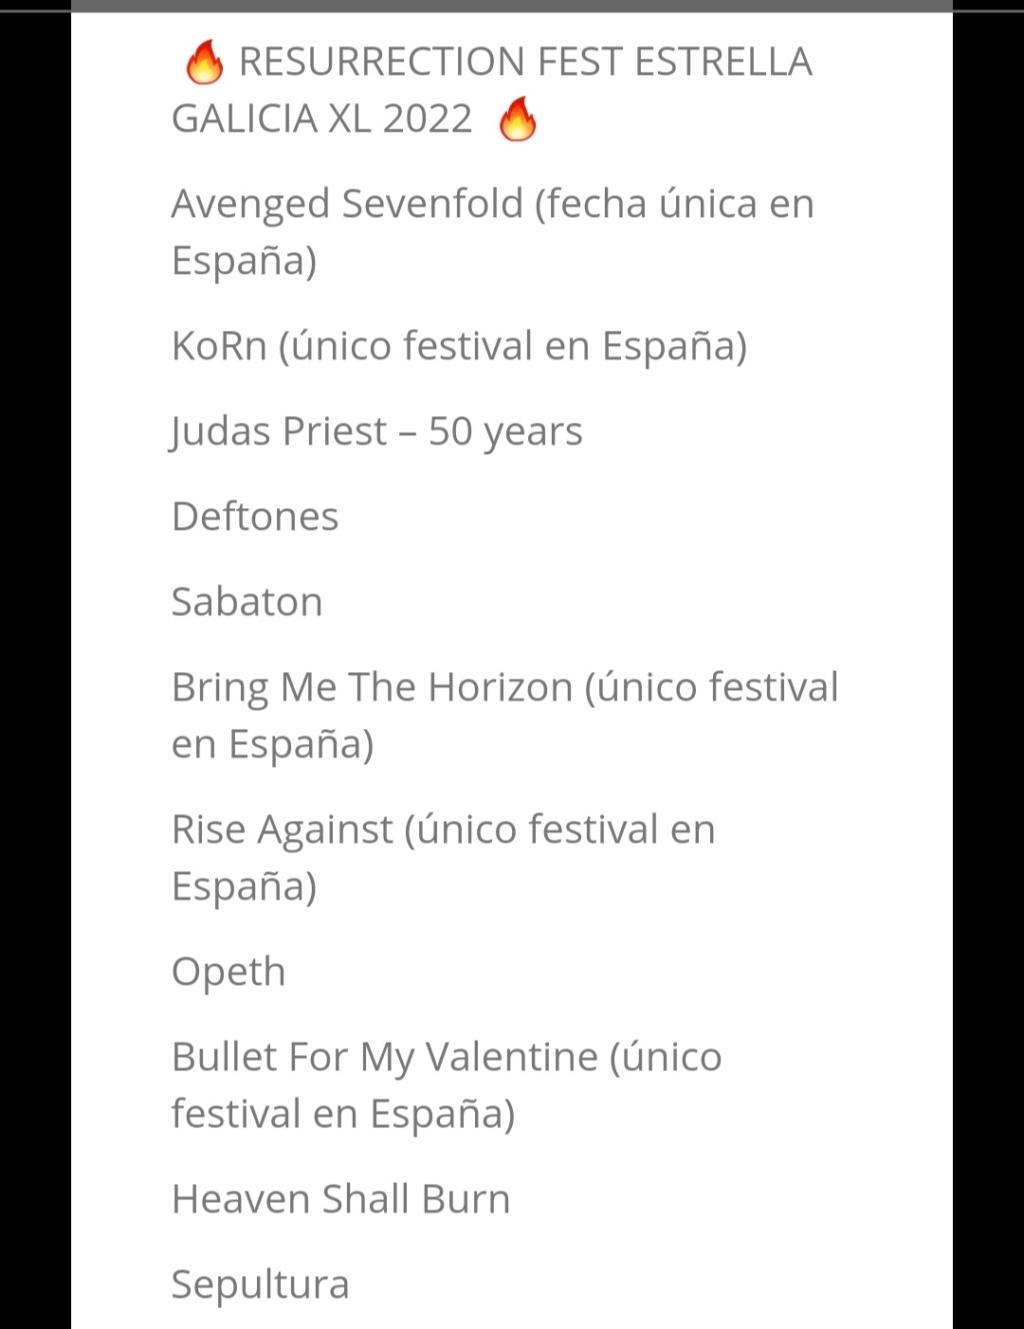 Mad Cool 2022: Metallica • Faith No More • St. Vincent • Deftones• Parcels • Phoebe Bridgers • Beabadoobee • Tom Misch y muchos más • ¡Vuelve el ruoc! - Página 7 Screen15